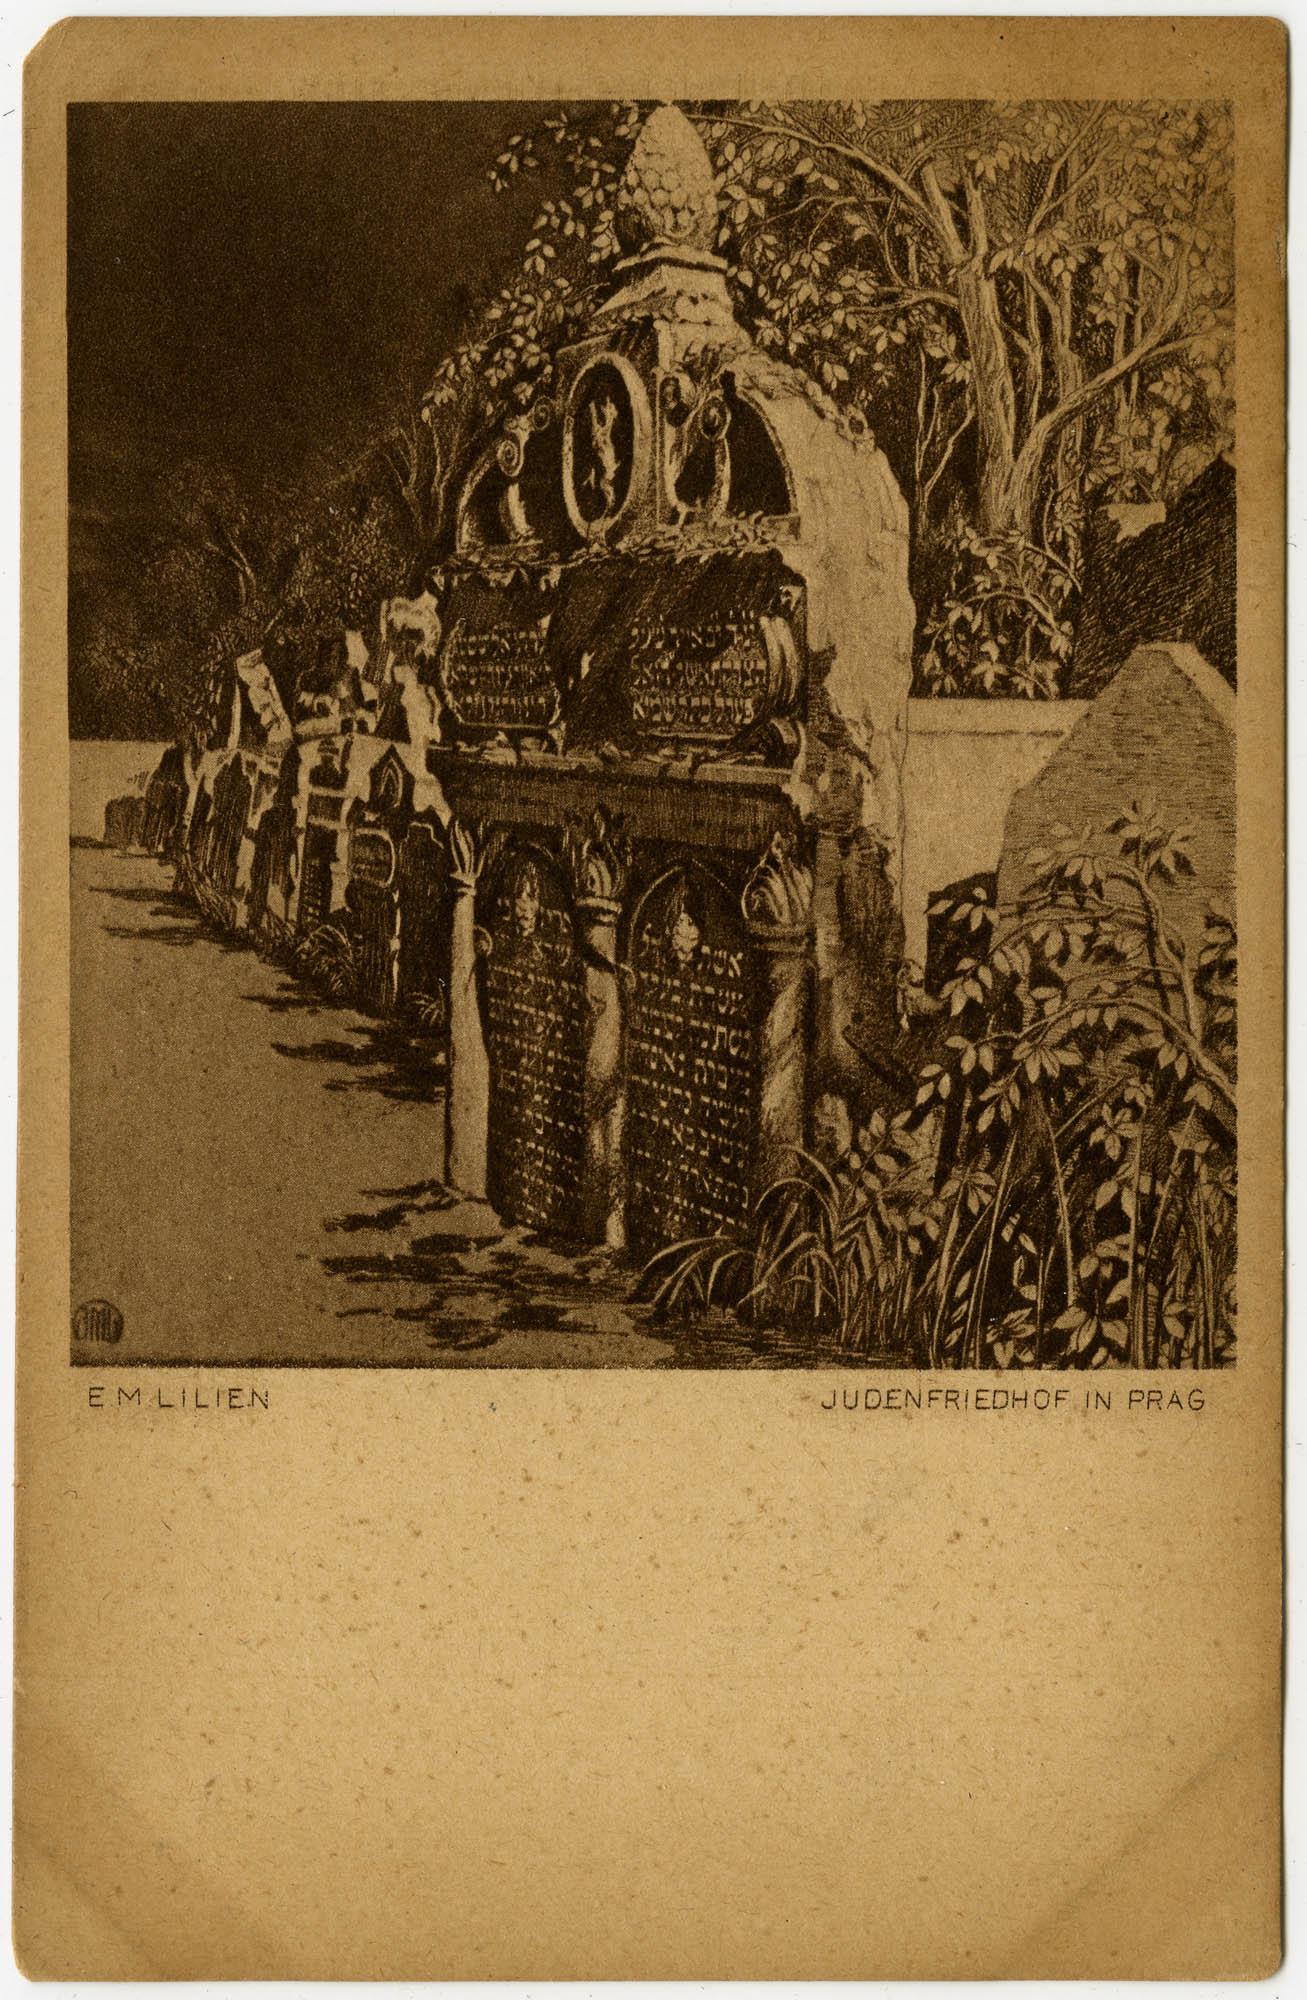 Judenfriedhof in Prag